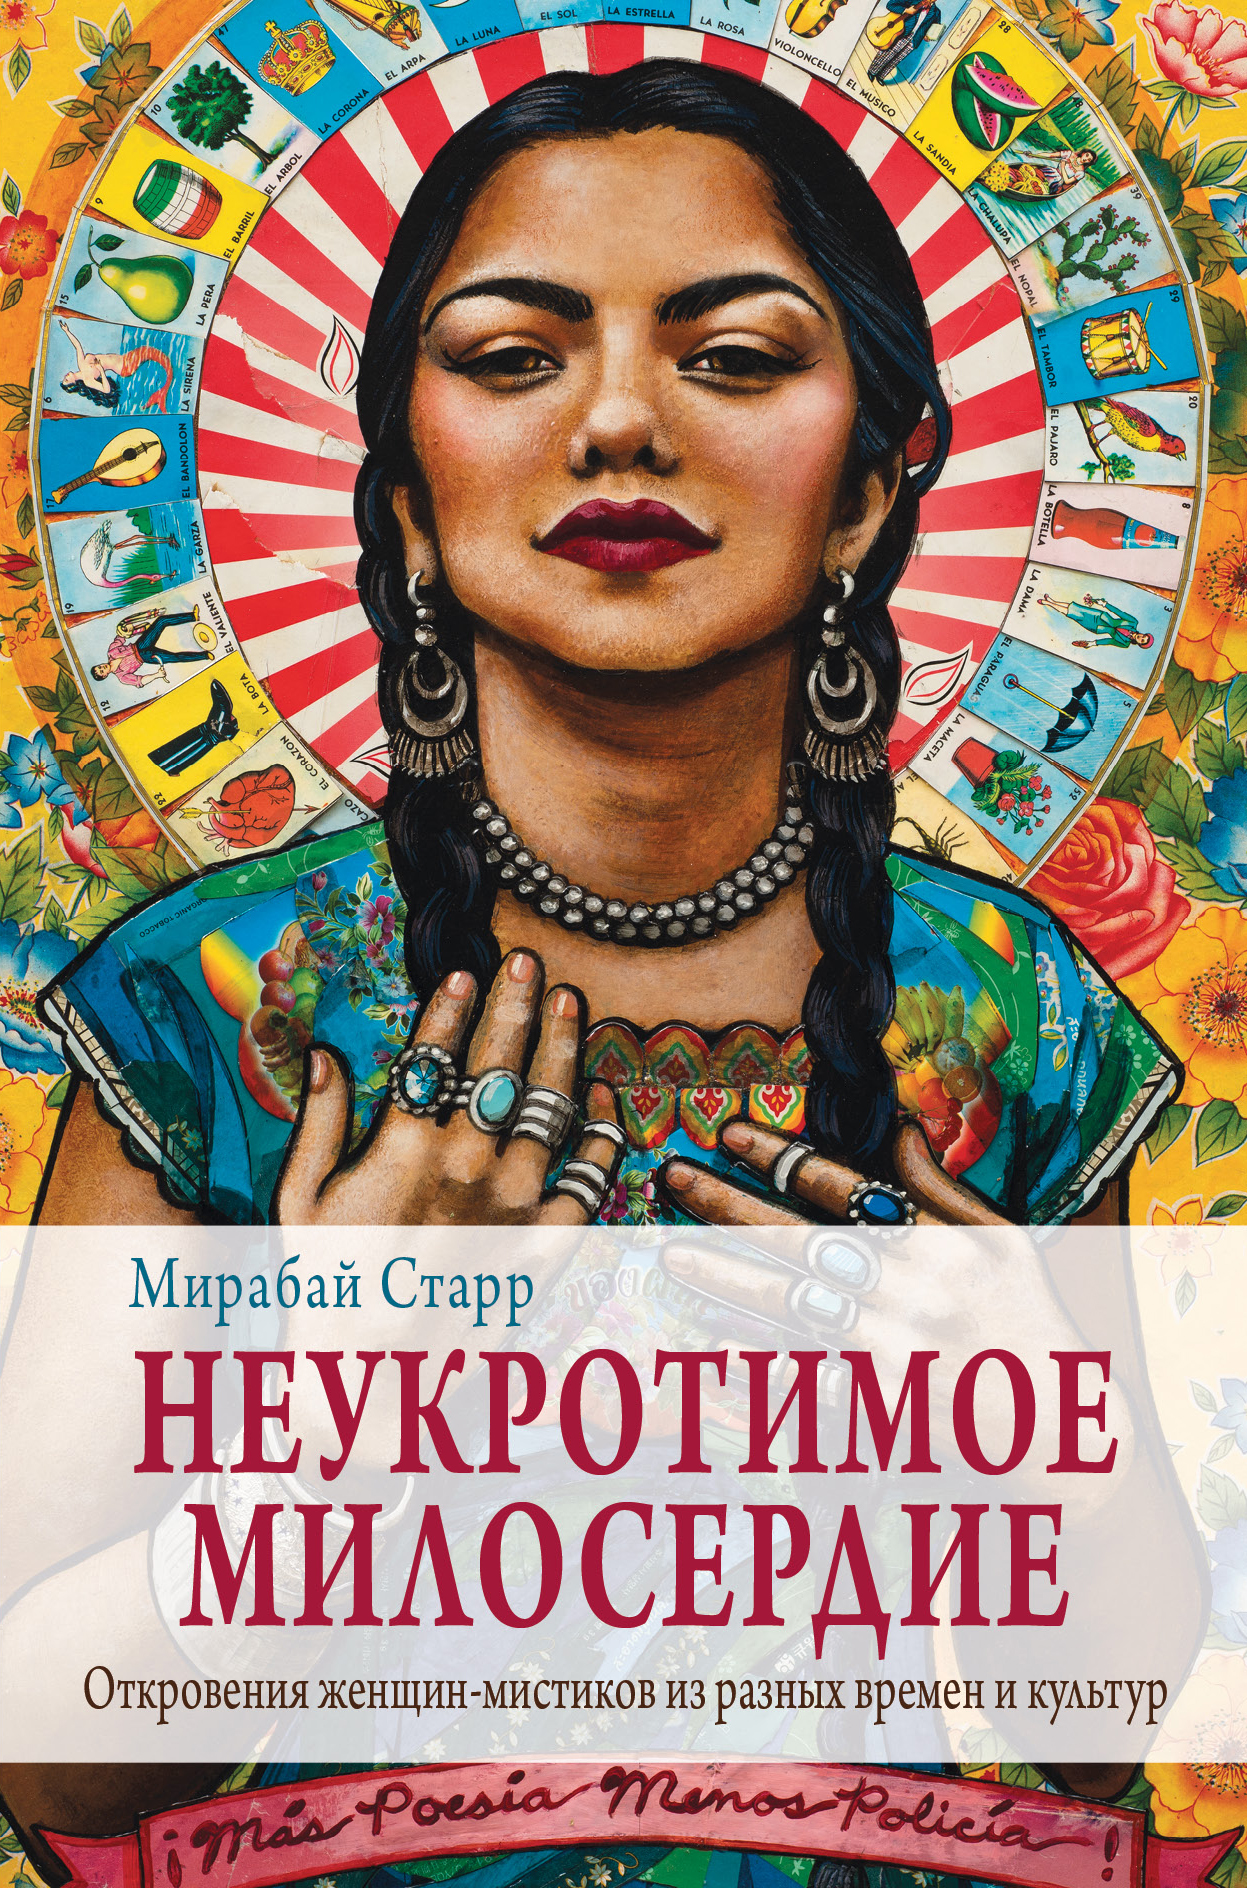 Купить книгу Неукротимое милосердие. Откровения женщин мистиков из разных культур и времен, автора Мирабая Старр